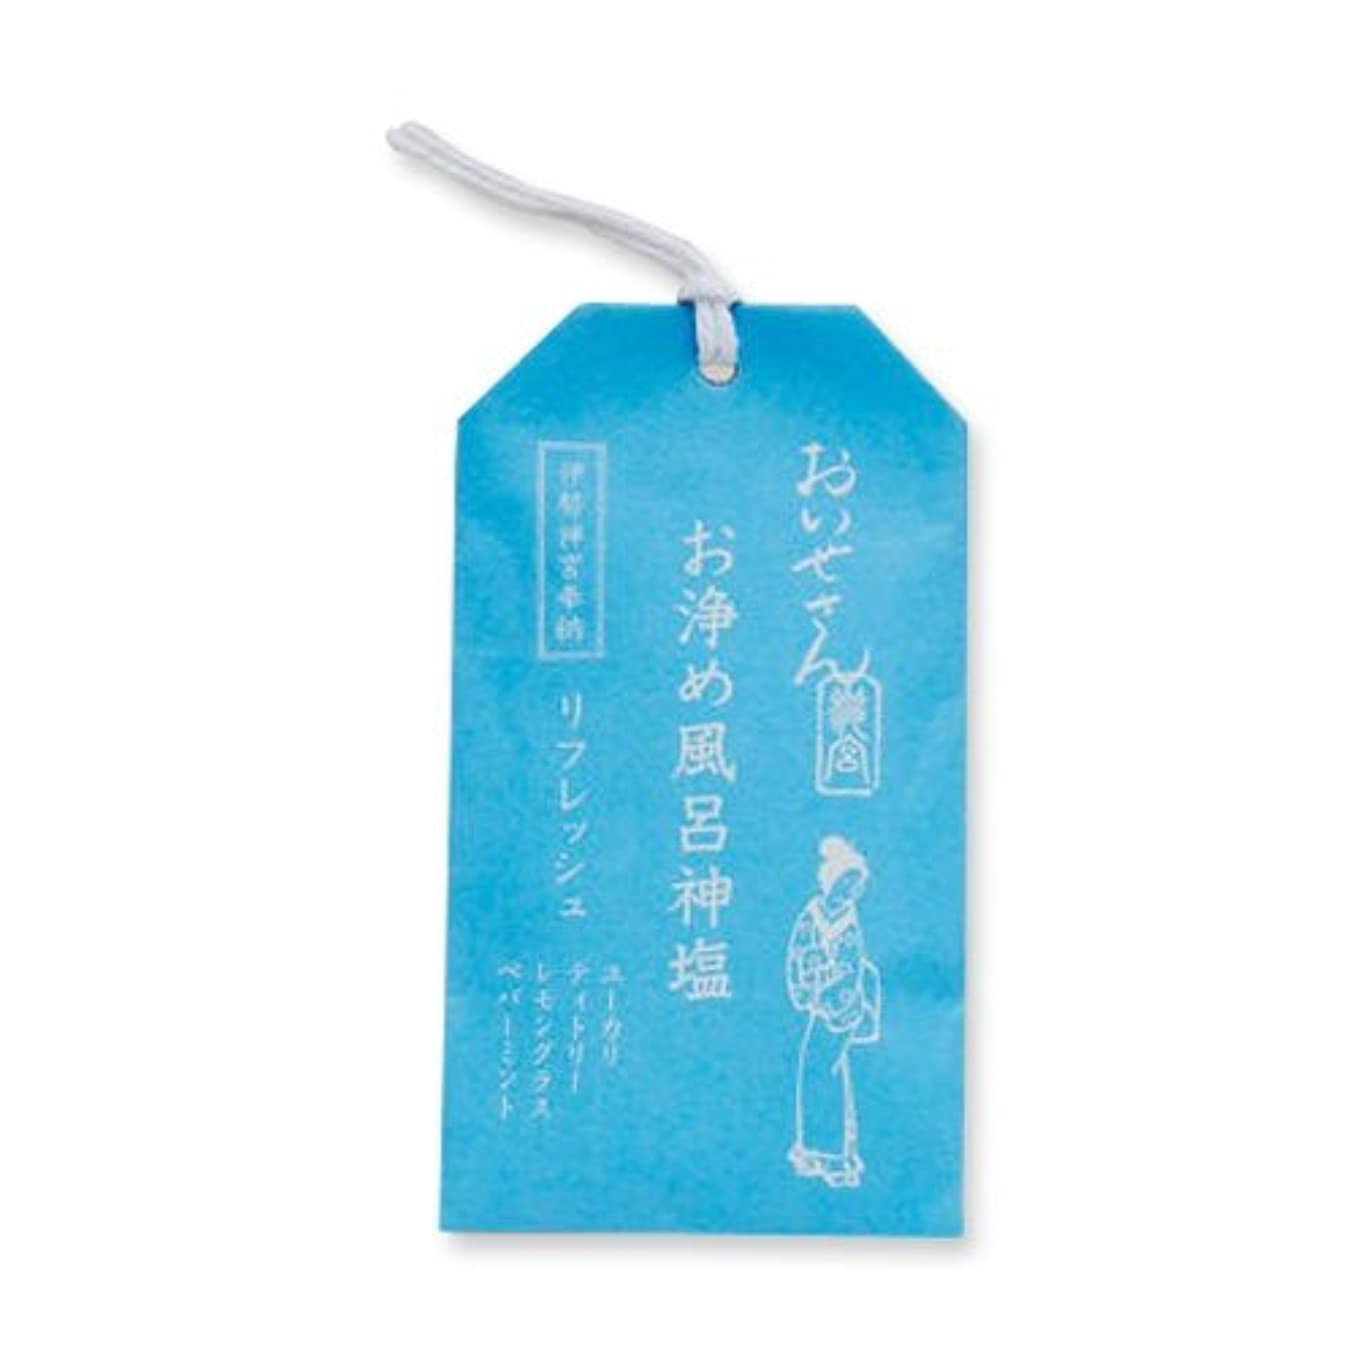 冷凍庫主褒賞おいせさん お浄め風呂神塩 バス用ソルト(リフレッシュ) 20g